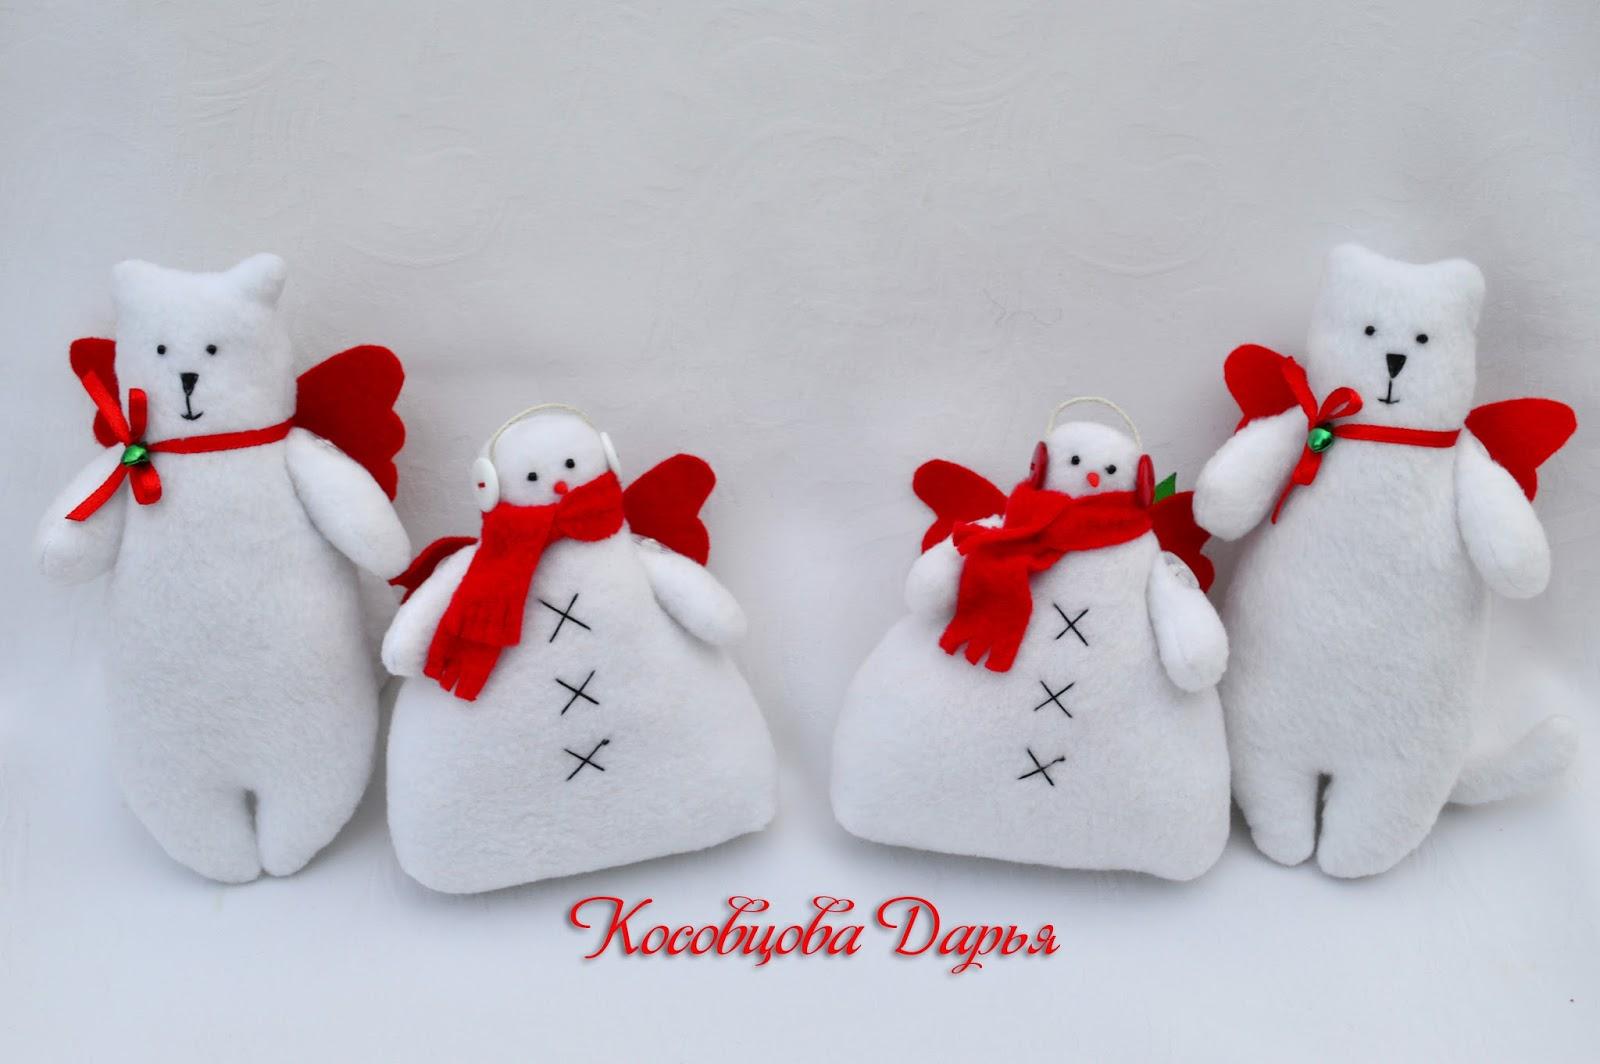 игрушки купить киев, ручная работа Киев, авторские зайцы, зайчики, зайцы пары, парочки, влюбленные зайцы Tilda, ручная работа, игрушки Киев, подарки на день рождения, подарок на свадьбу, свадебные зайчики, купить подарок ручной работы Киев  овечка, овцы, овечка игрушка, игрушки купить киев, ручная работа Киев, авторские игрушки, игрушка ручной работы, подарки на день рождения, игрушки для детей, купить подарок ручной работы Киев  игрушки купить киев, ручная работа Киев, авторские зайцы, зайчики, авторские зайцы, подарок на день рождения, заяц ручной работы, игрушка заяц ручной работы, Hand-made игрушки киев. Tilda, ручная работа, игрушки Киев, подарки на день рождения, подарок на свадьбу, подарок для детей hand-made , игрушка для ребенка заяц, украинские игрушки для детей.